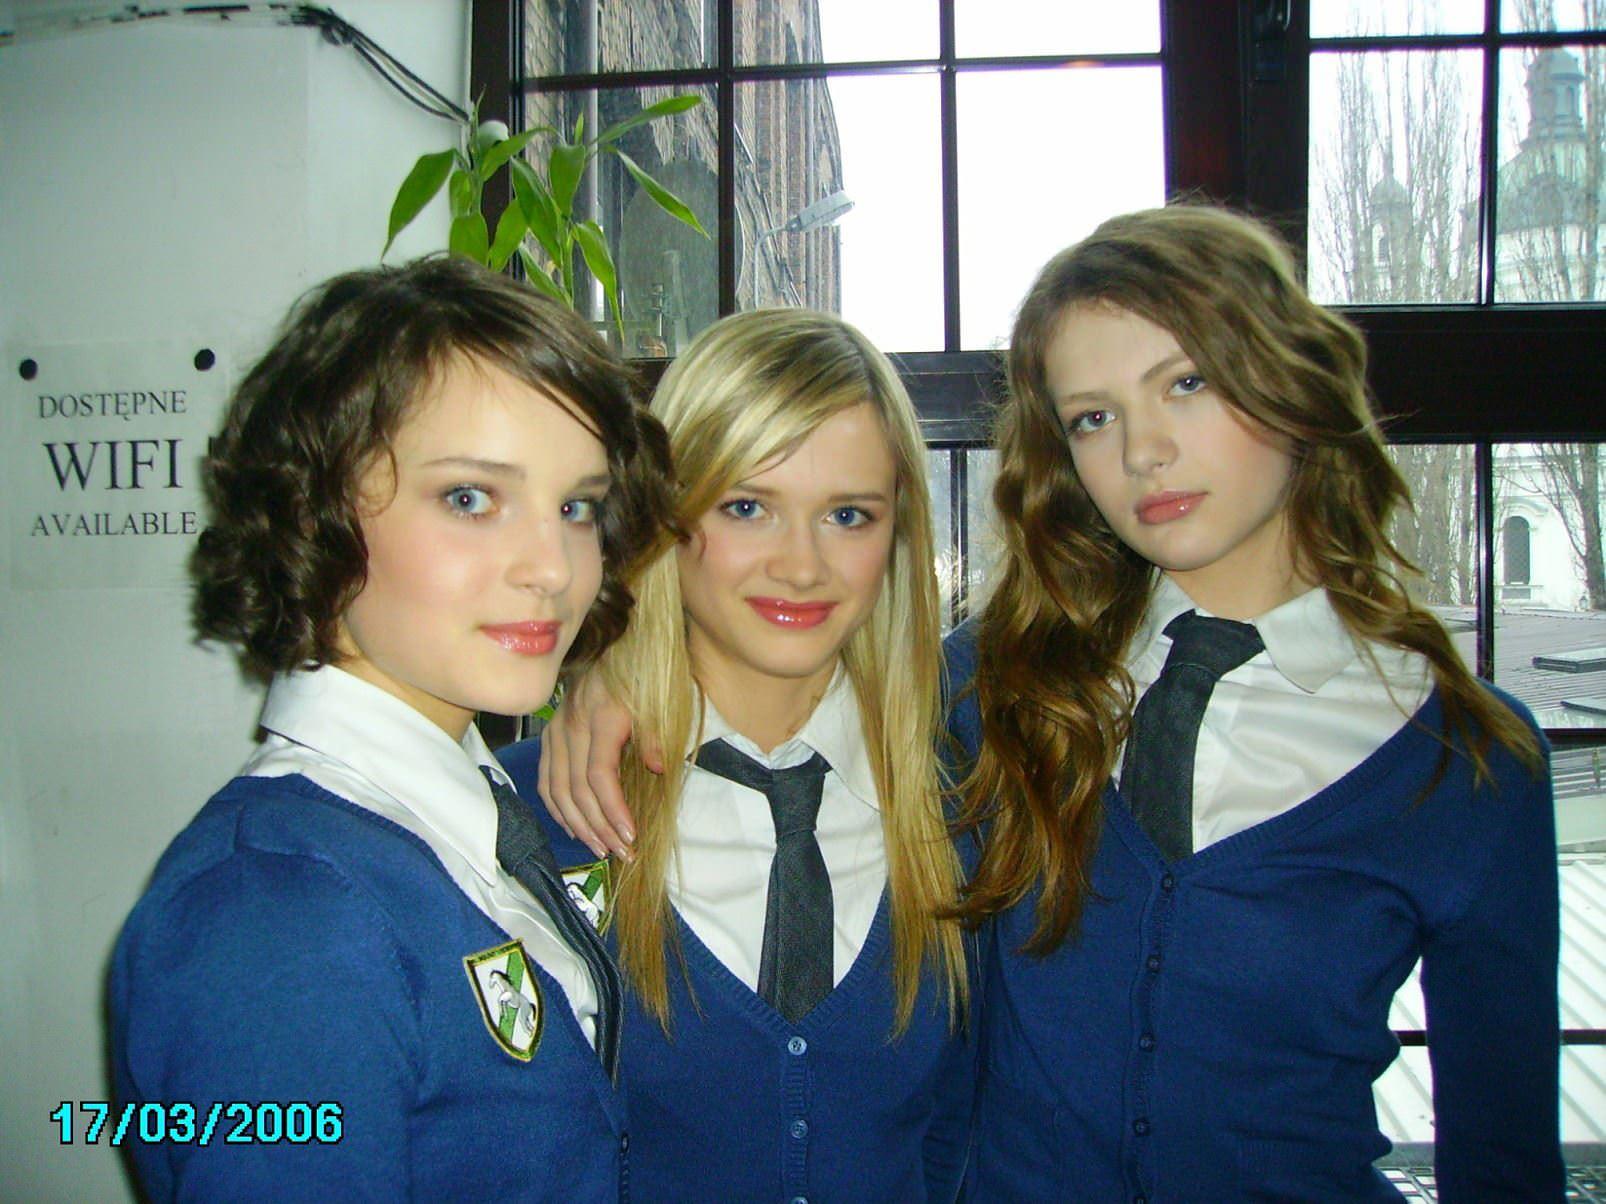 【外人】ロシア人の学生たちがめっちゃ可愛くて大人っぽい制服ポルノ画像 3827